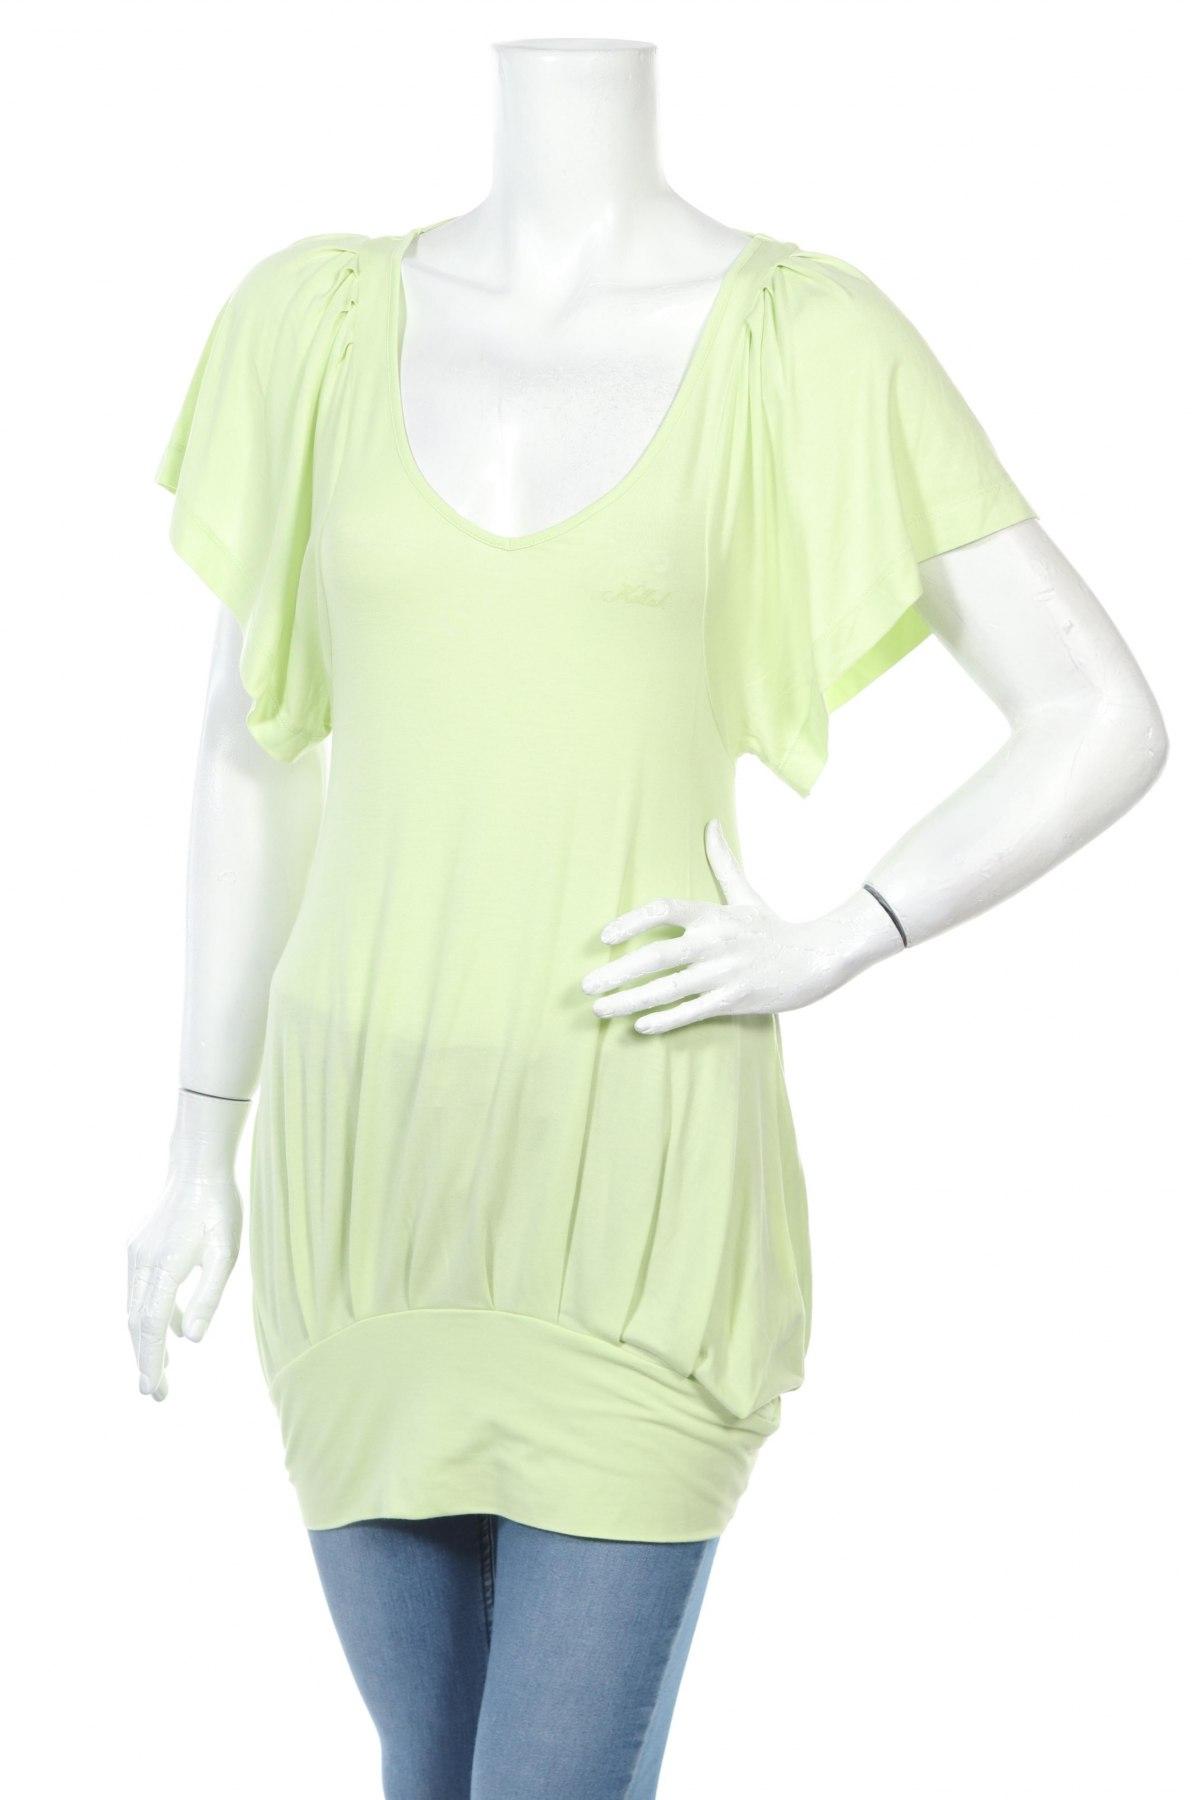 Τουνίκ Killah, Μέγεθος XS, Χρώμα Πράσινο, 94% μοντάλ, 6% ελαστάνη, Τιμή 20,24€